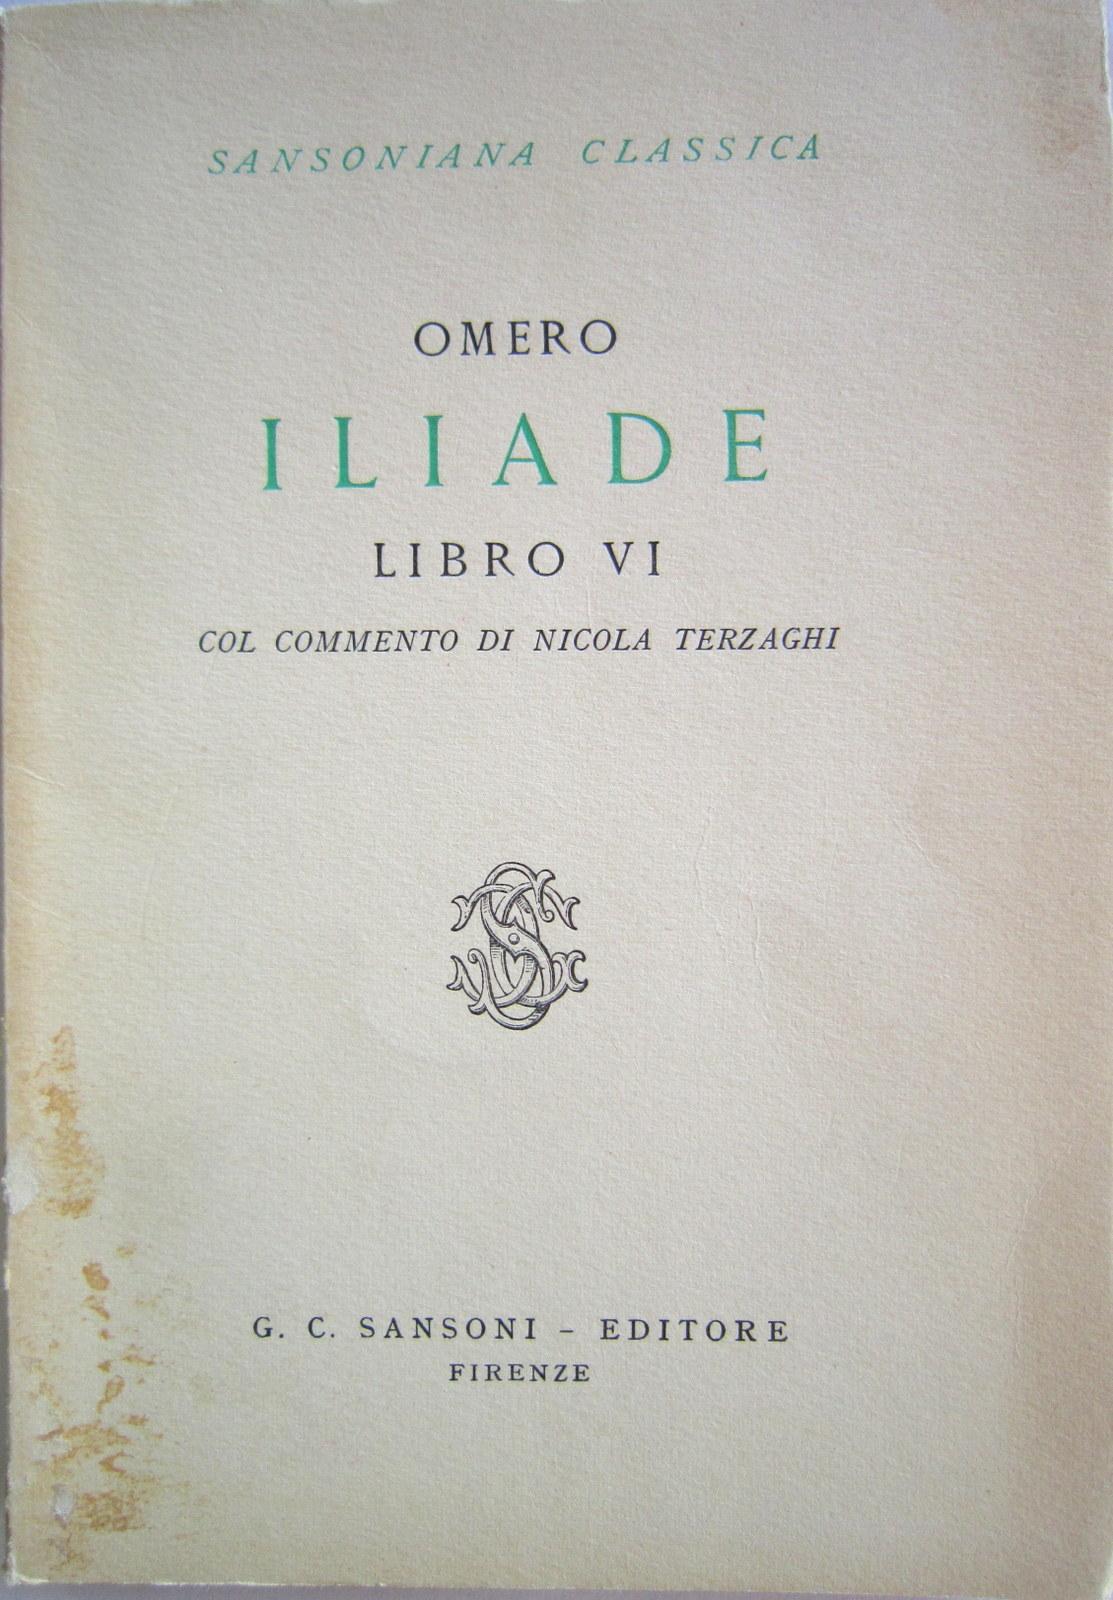 Iliade - Libro VI